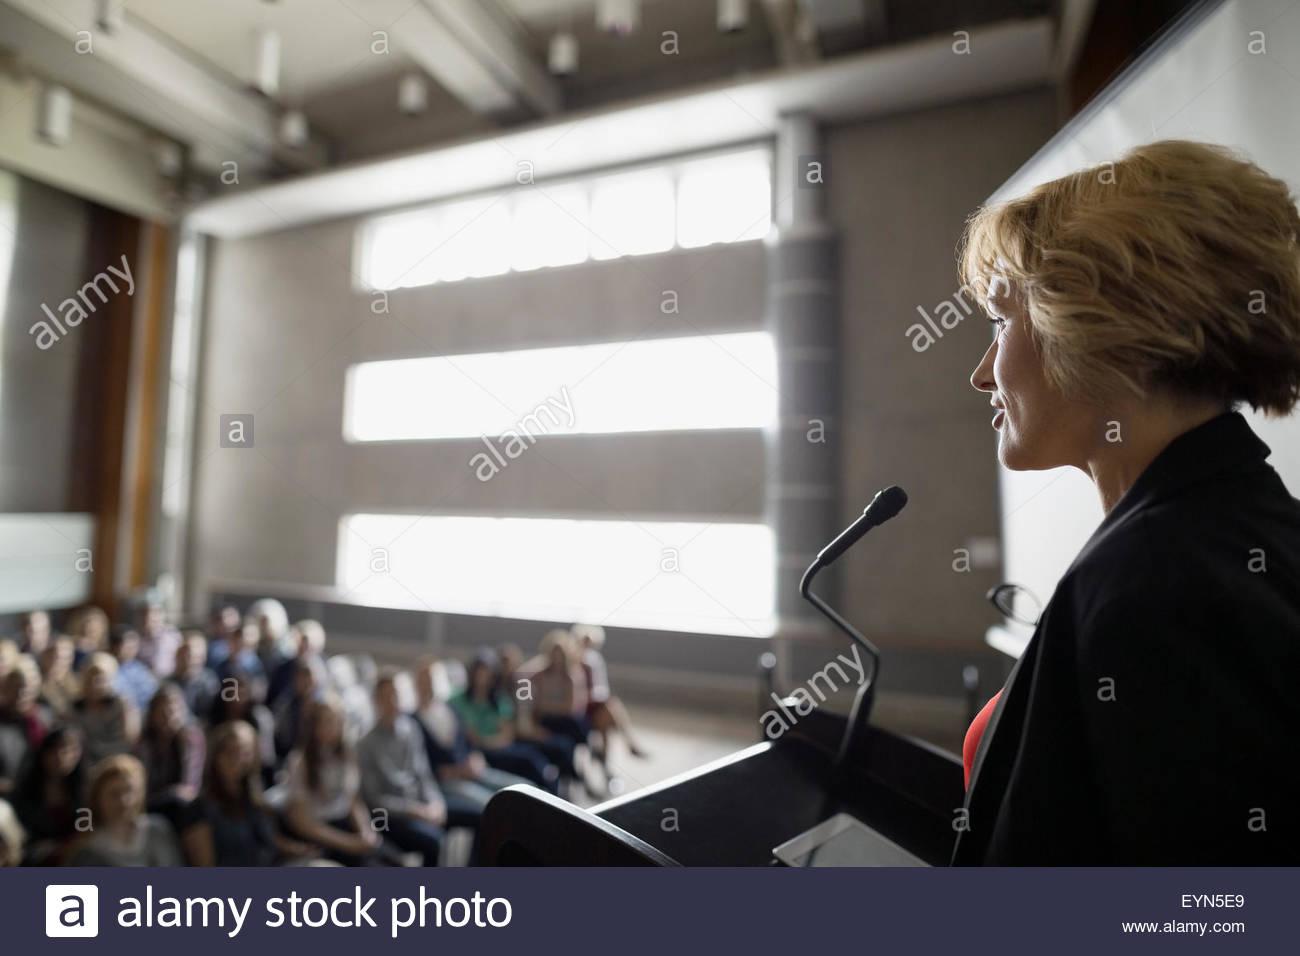 Professor speaking at podium to auditorium audience - Stock Image